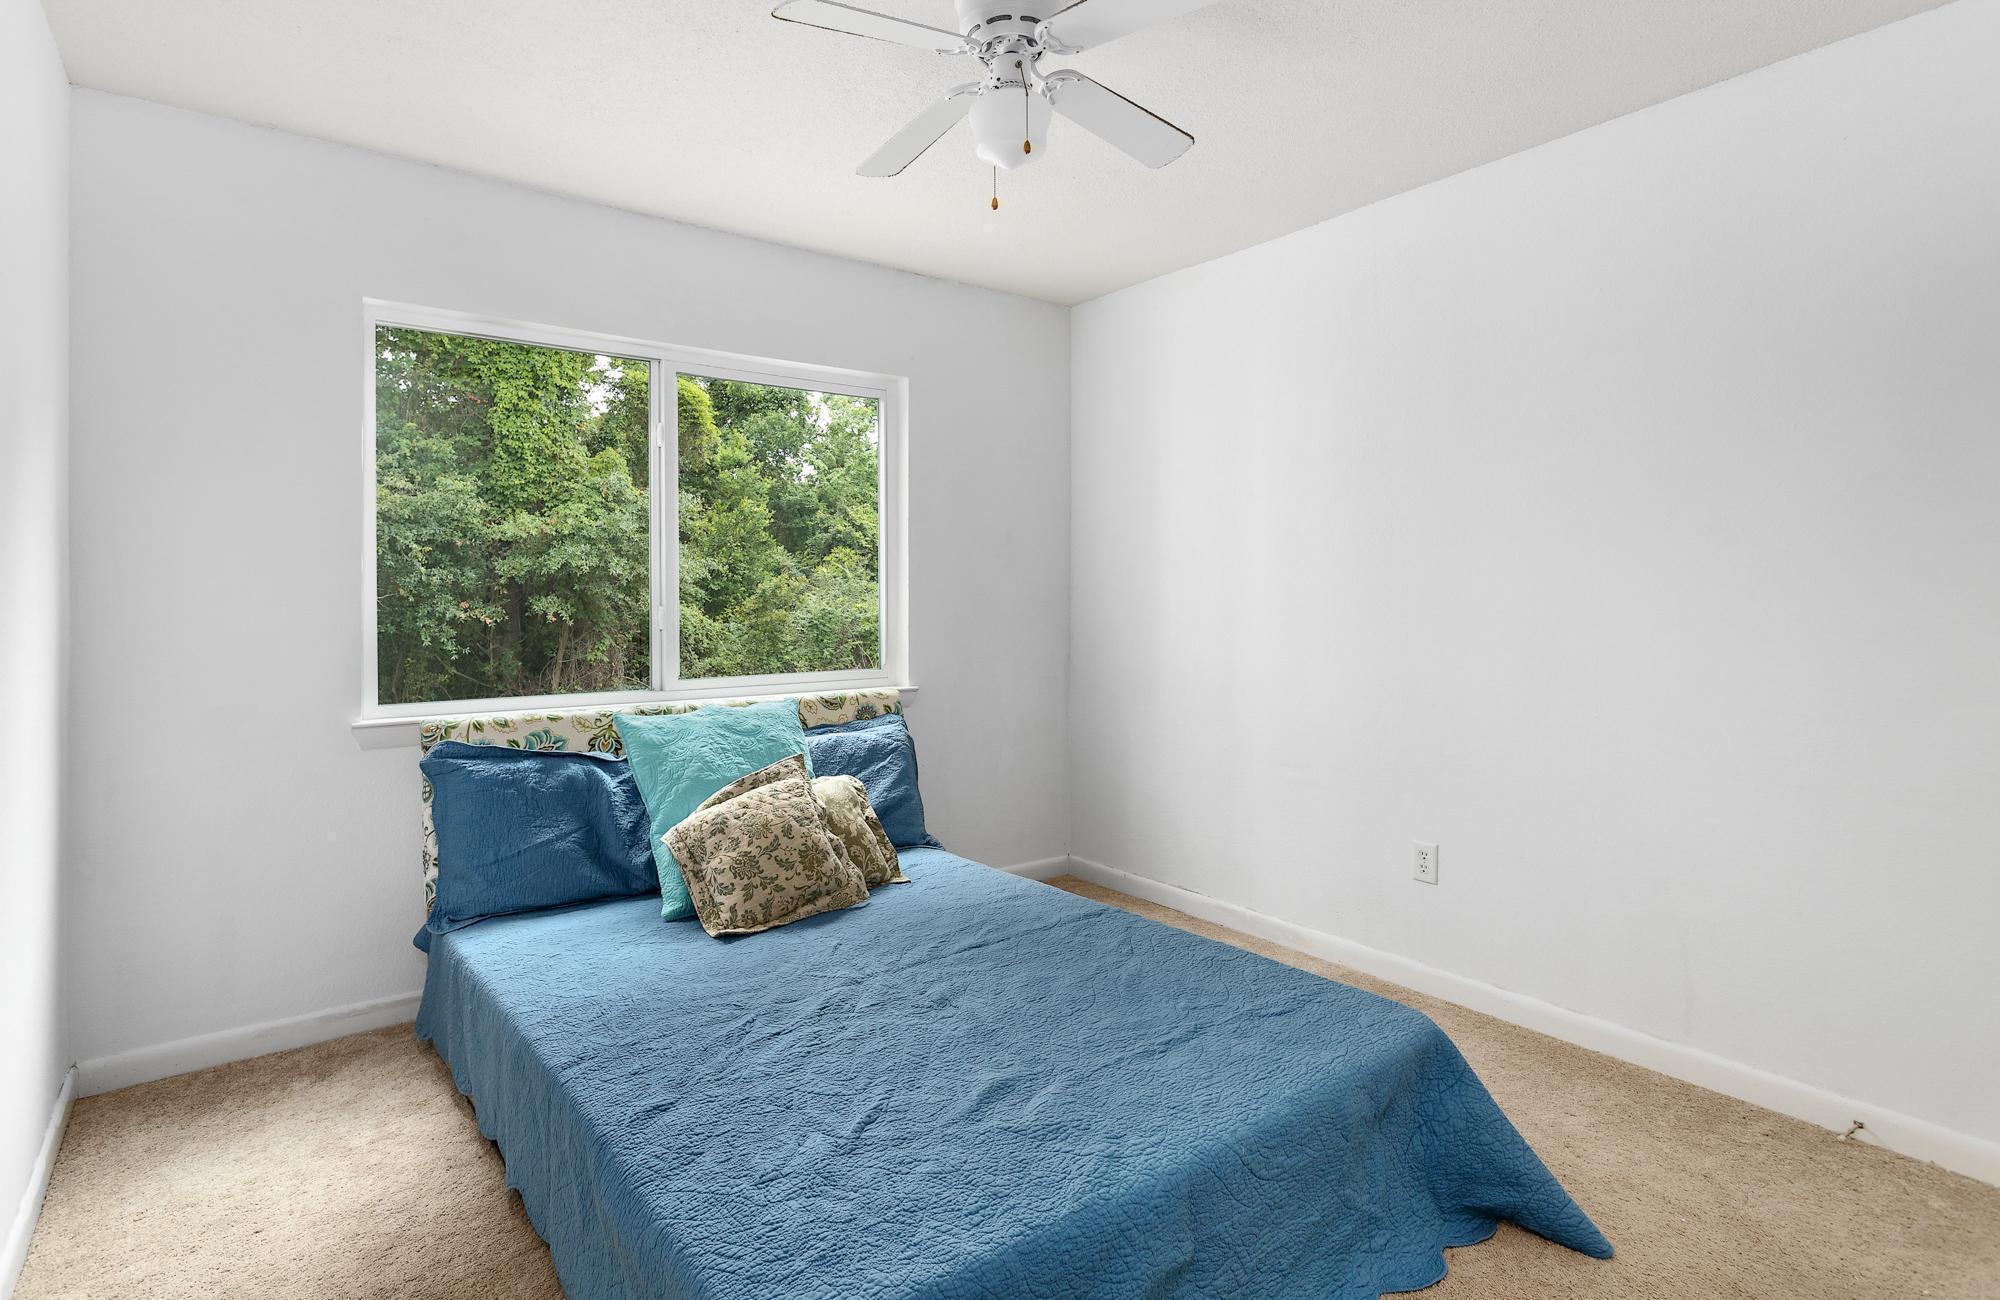 East Bridge Town Lofts Homes For Sale - 268 Alexandra, Mount Pleasant, SC - 3